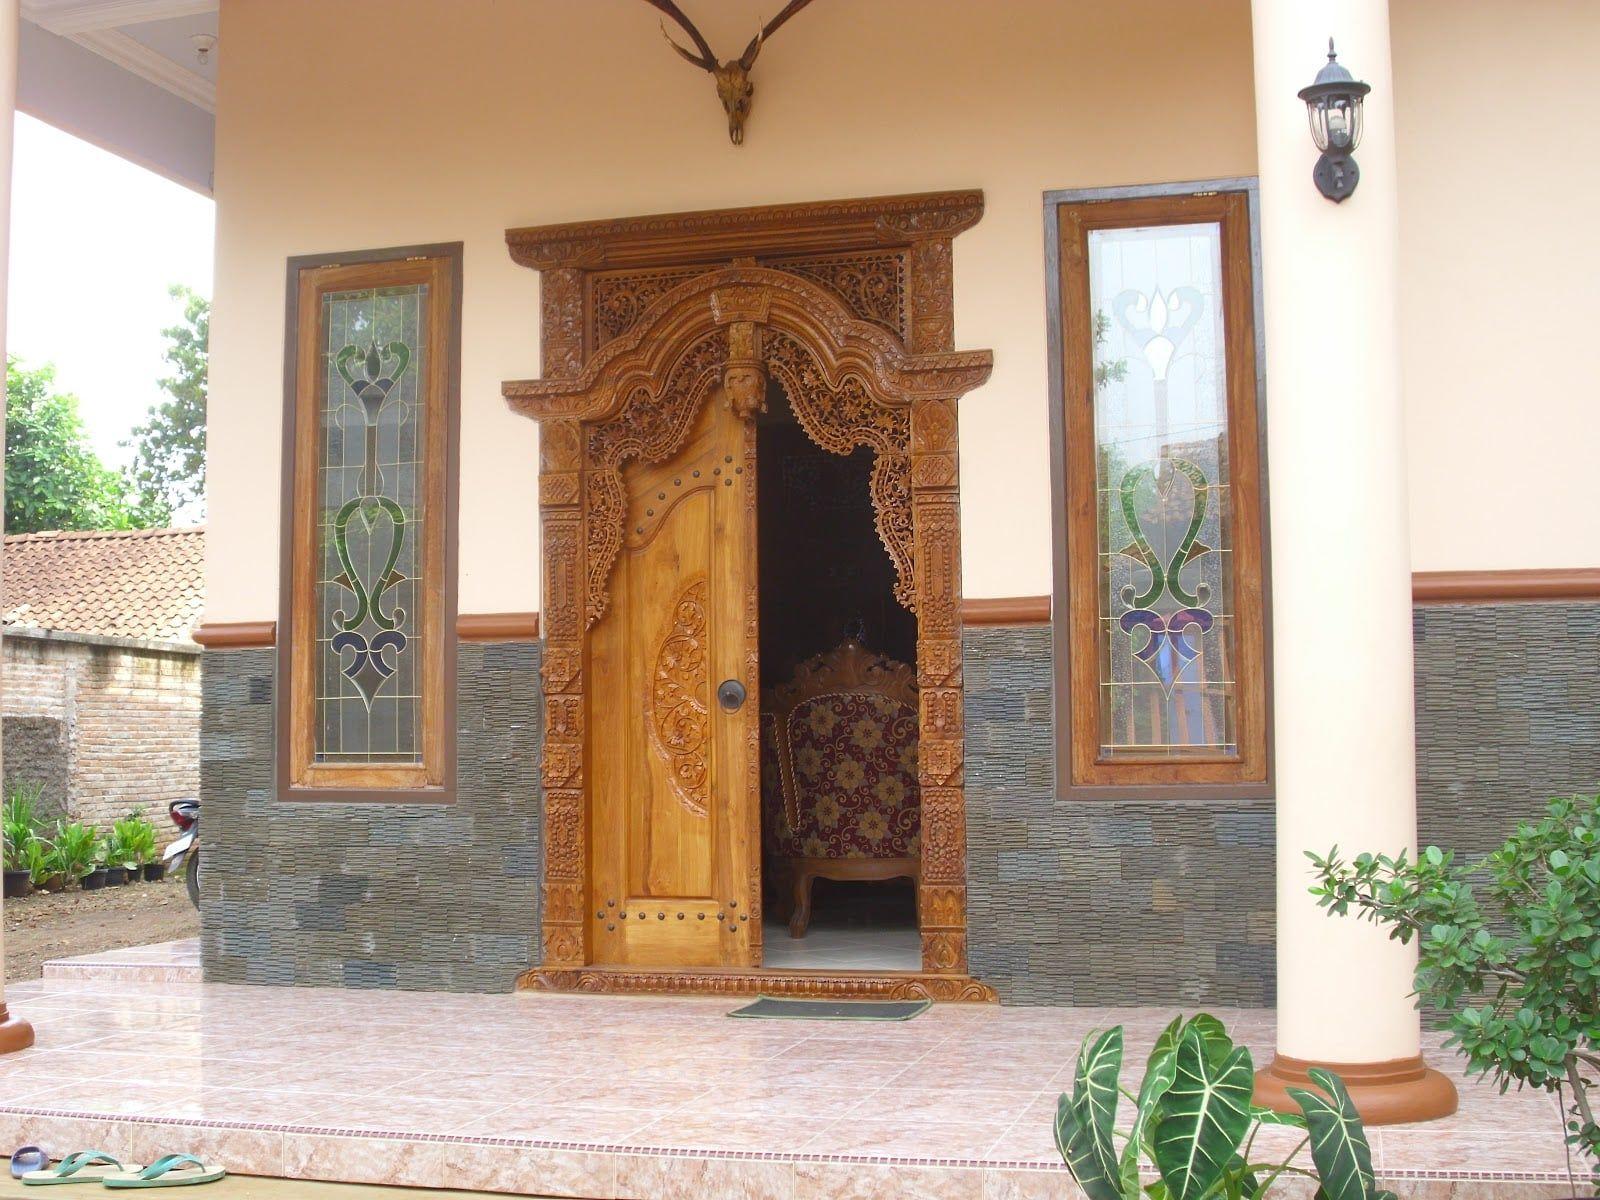 Desain Rumah Gebyok Sederhana Rumah Desain Produk Desain Rumah gebyok minimalis